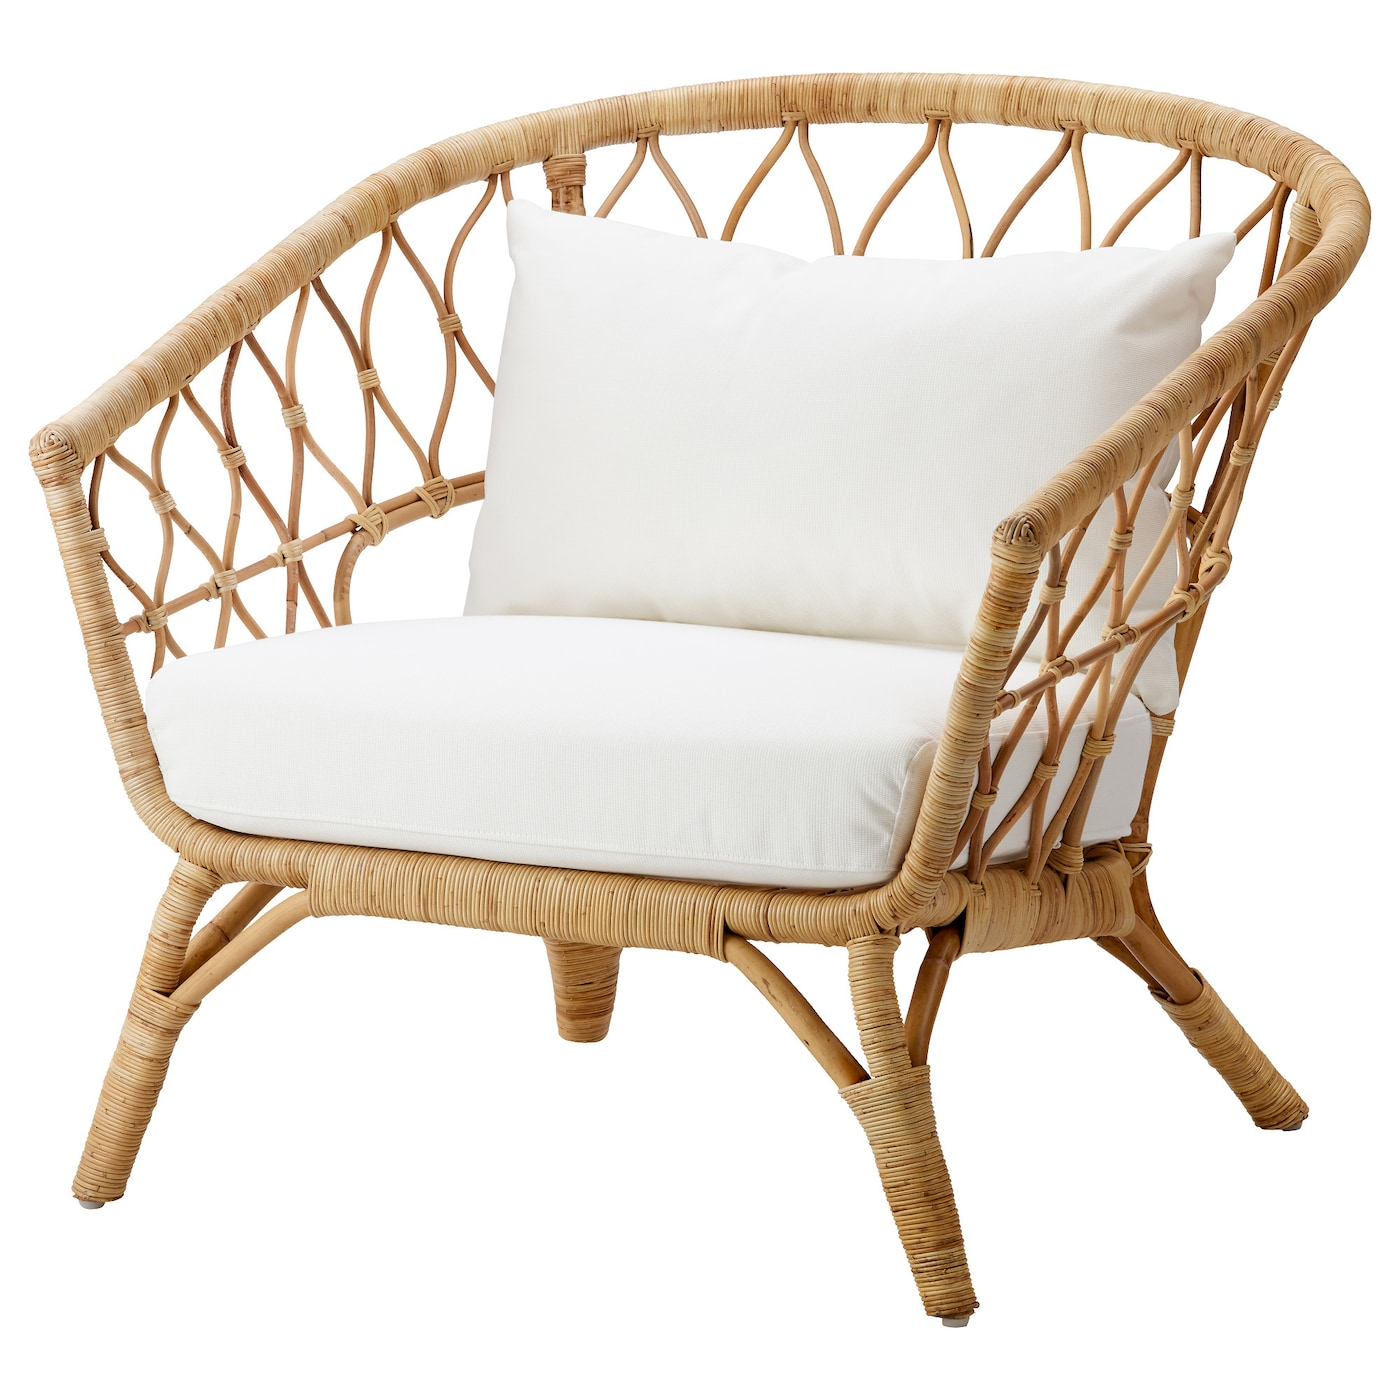 Kussen Voor Rotan Schommelstoel.Rotan Stoelen Ikea